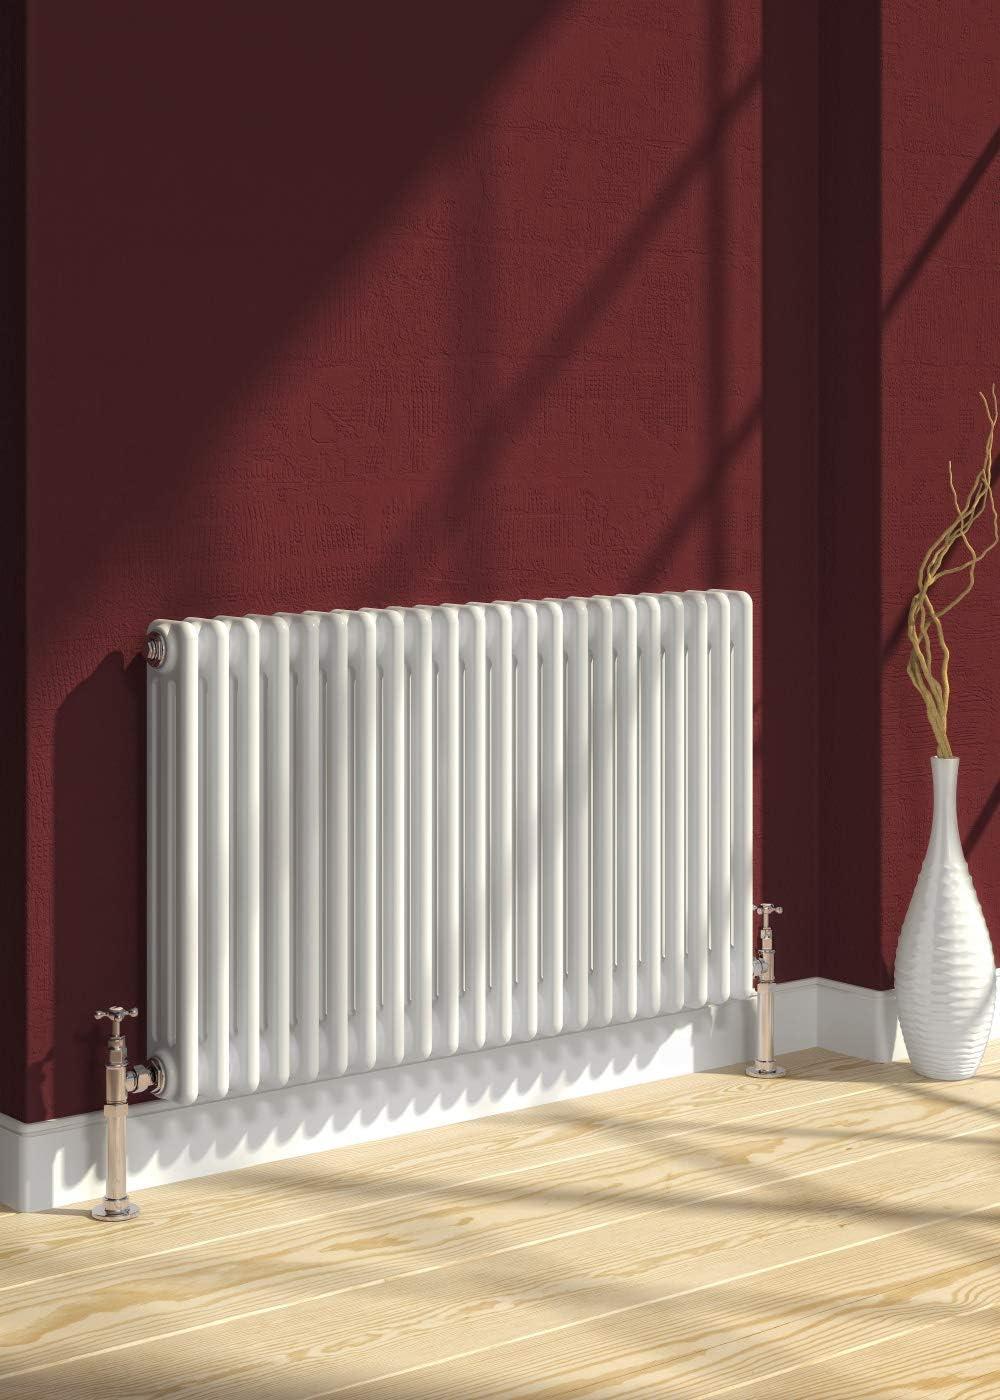 Reina - Radiador de calefacción central (hierro fundido, 3 columnas, horizontal, 600 mm x 1190 mm, para baño, cocina y habitación, doble columna de combustible, color blanco